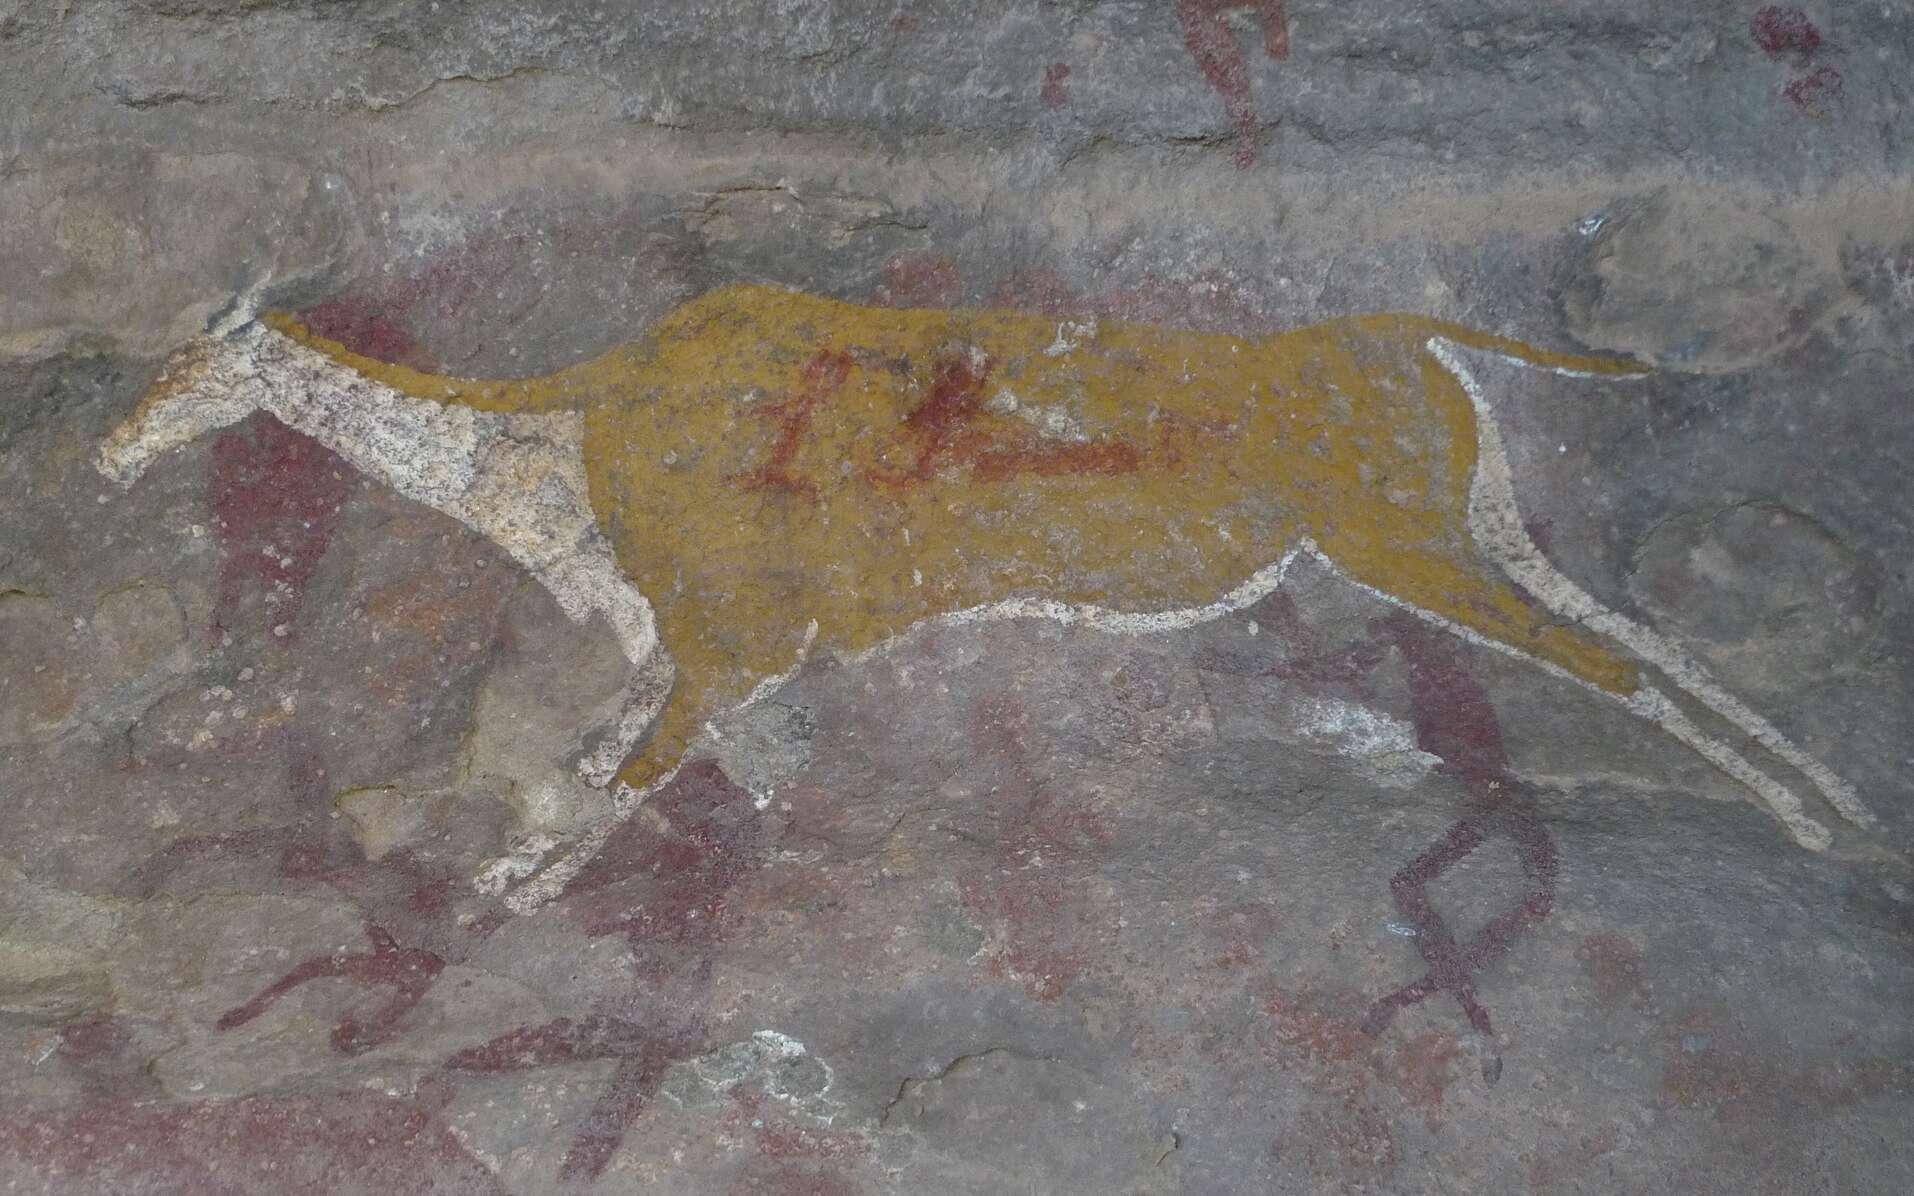 Des hommes et une antilope représentés sur une paroi de grès, une peinture réalisées par les San. Site RSA BUF1, Eastern Cape, Afrique du Sud. © Luc Ronat/CNRS Photothèque